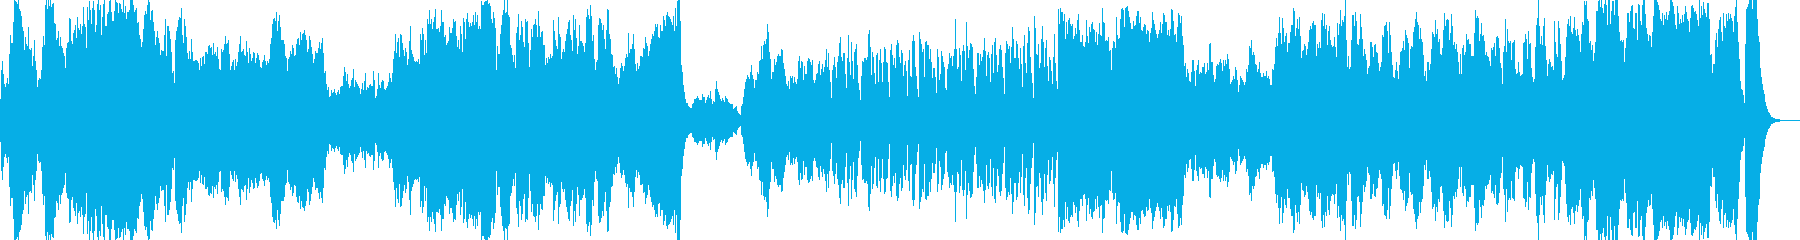 迫力のある壮大なオーケストラファンファーの再生済みの波形